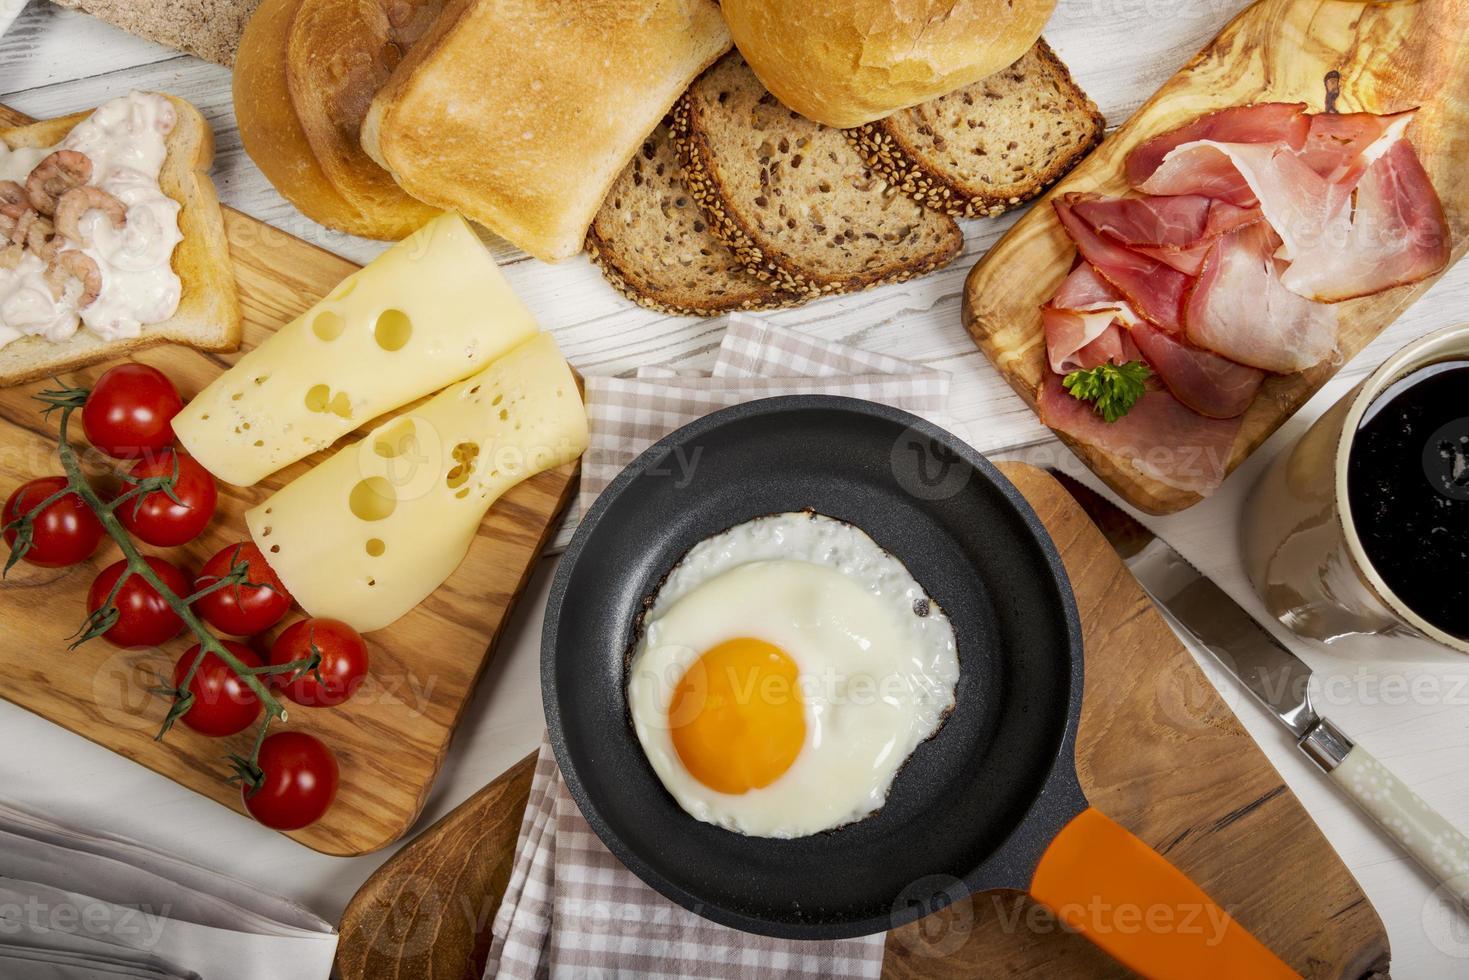 huevo frito en sartén, queso, jamón, pan y bollos foto